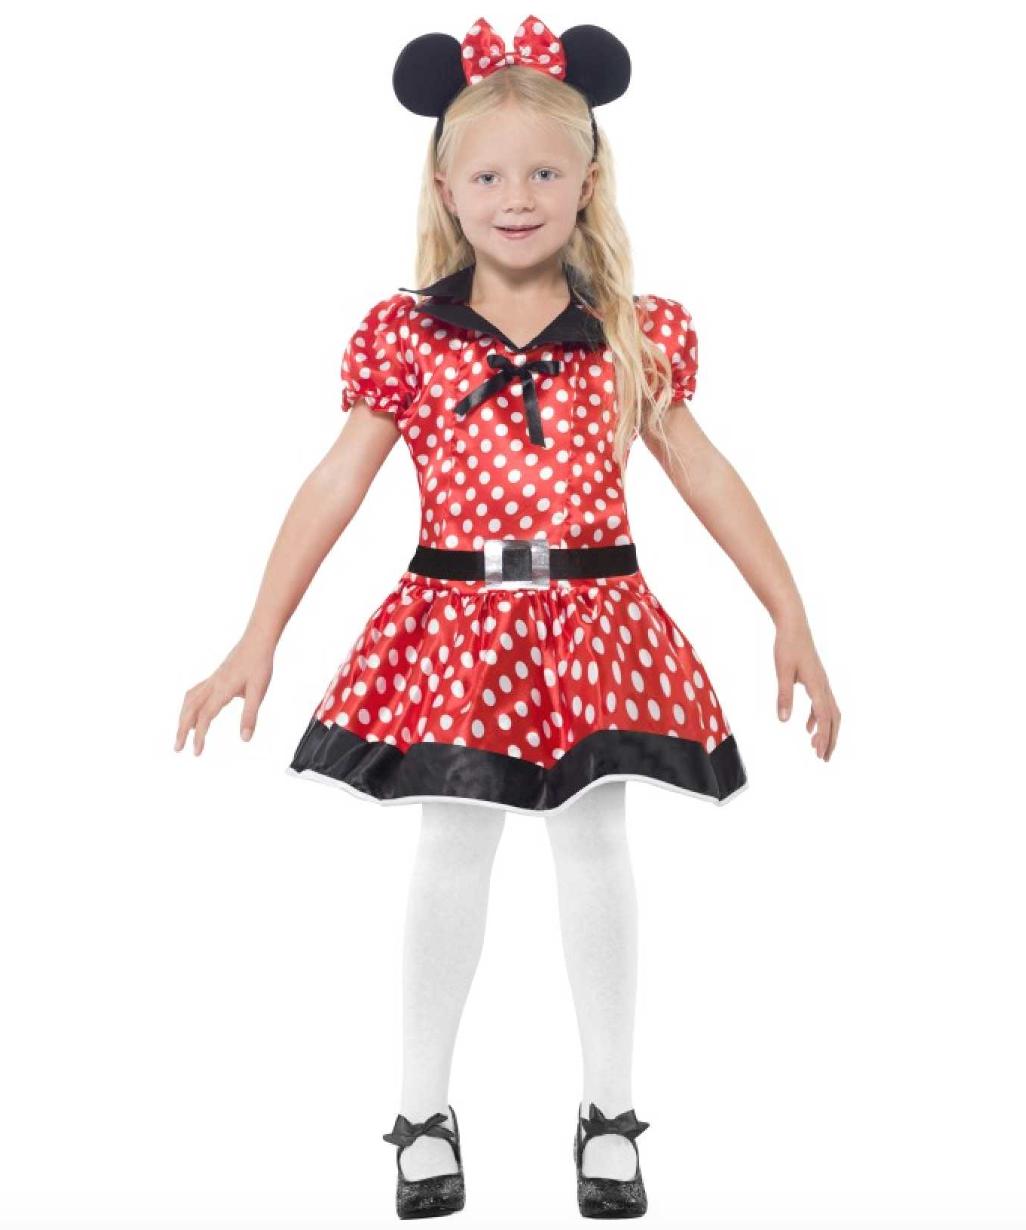 Skærmbillede 2018 12 15 kl. 16.06.49 - Minnie Mouse kostume til børn